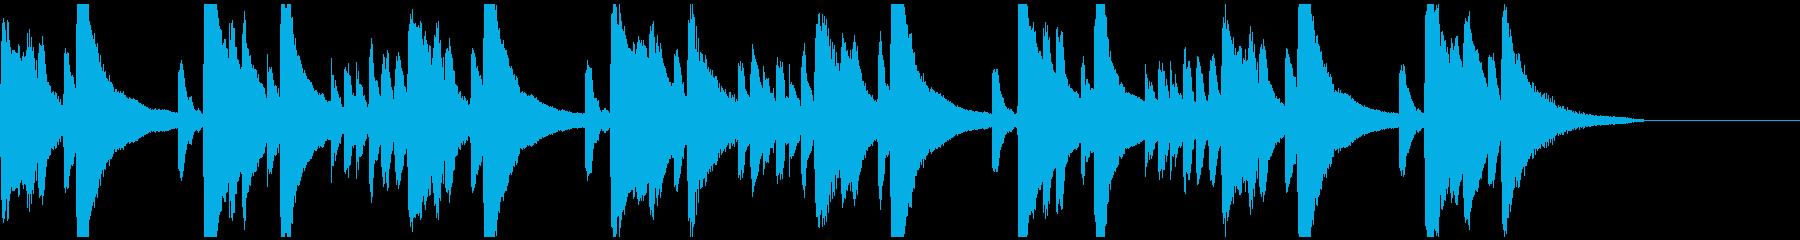 メロディとコードのシンプルなピアノ2の再生済みの波形